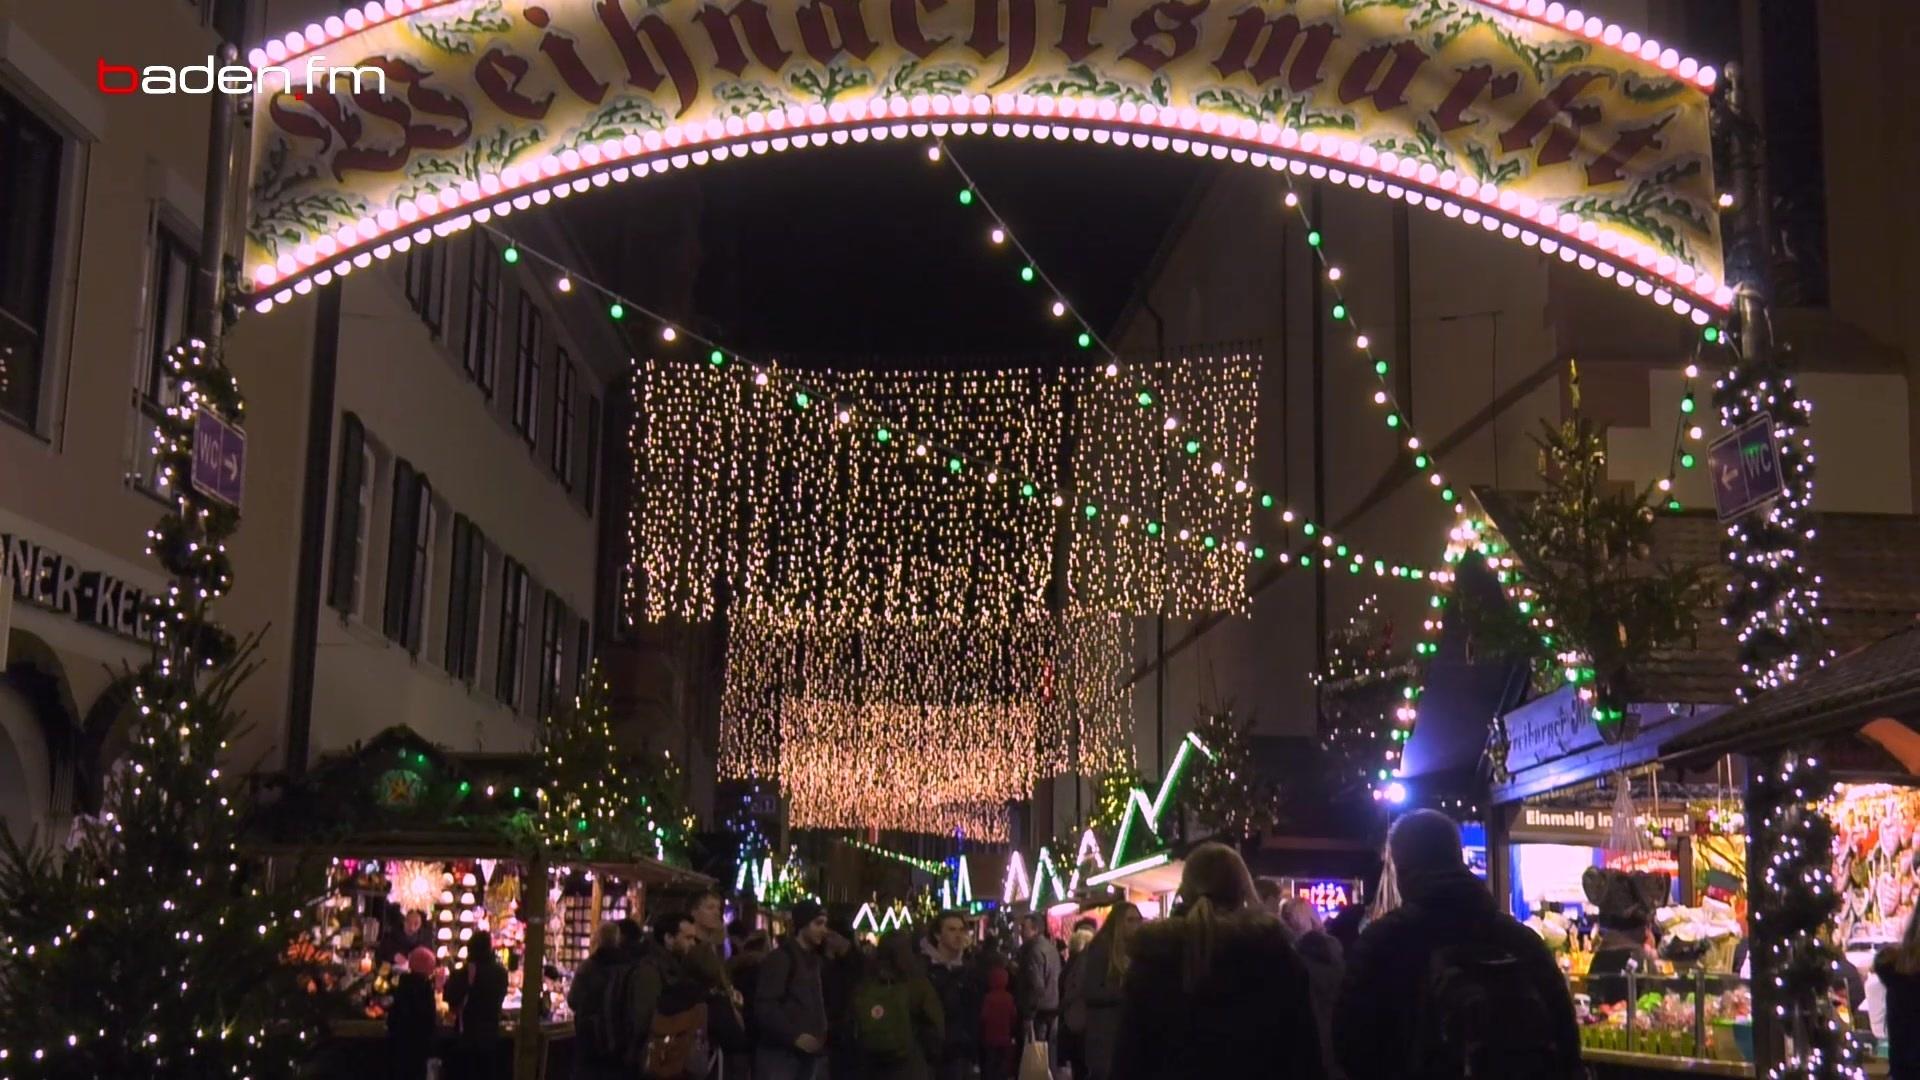 Weihnachtsmarkt Gundelfingen.Freiburger Weihnachtsmarkt Feierlich Eröffnet Baden Fm